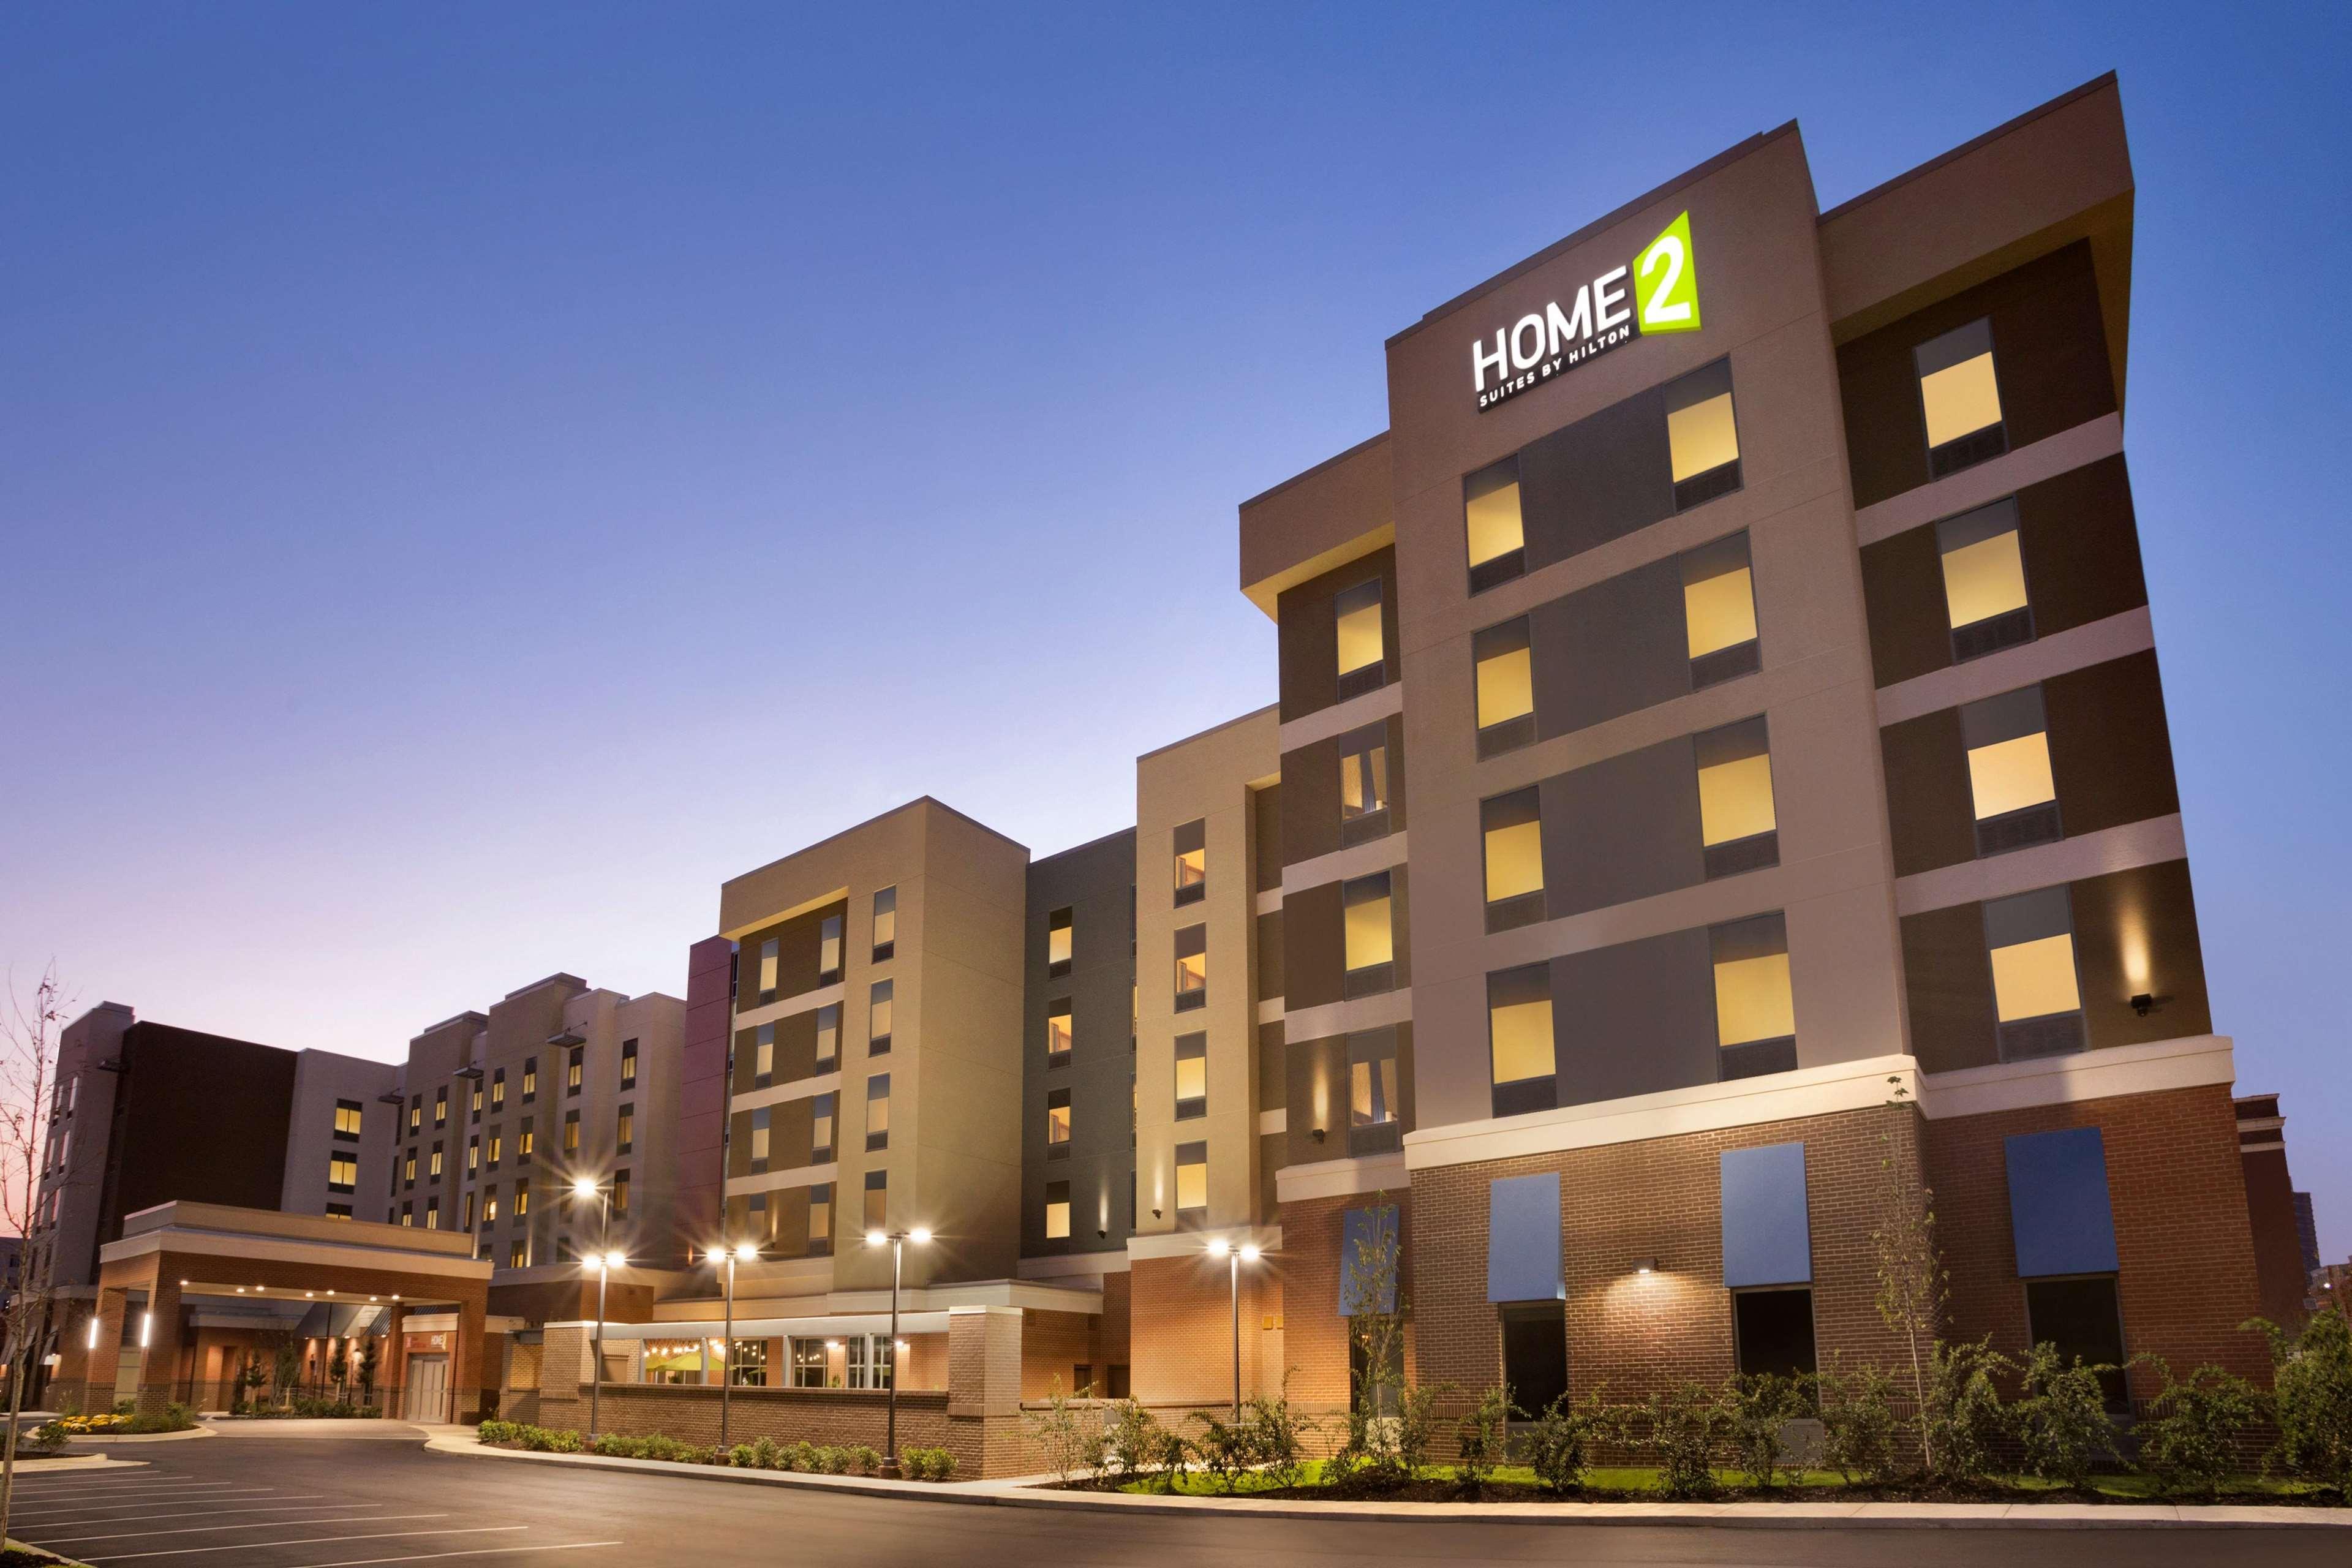 Home2 Suites by Hilton Birmingham Downtown image 29